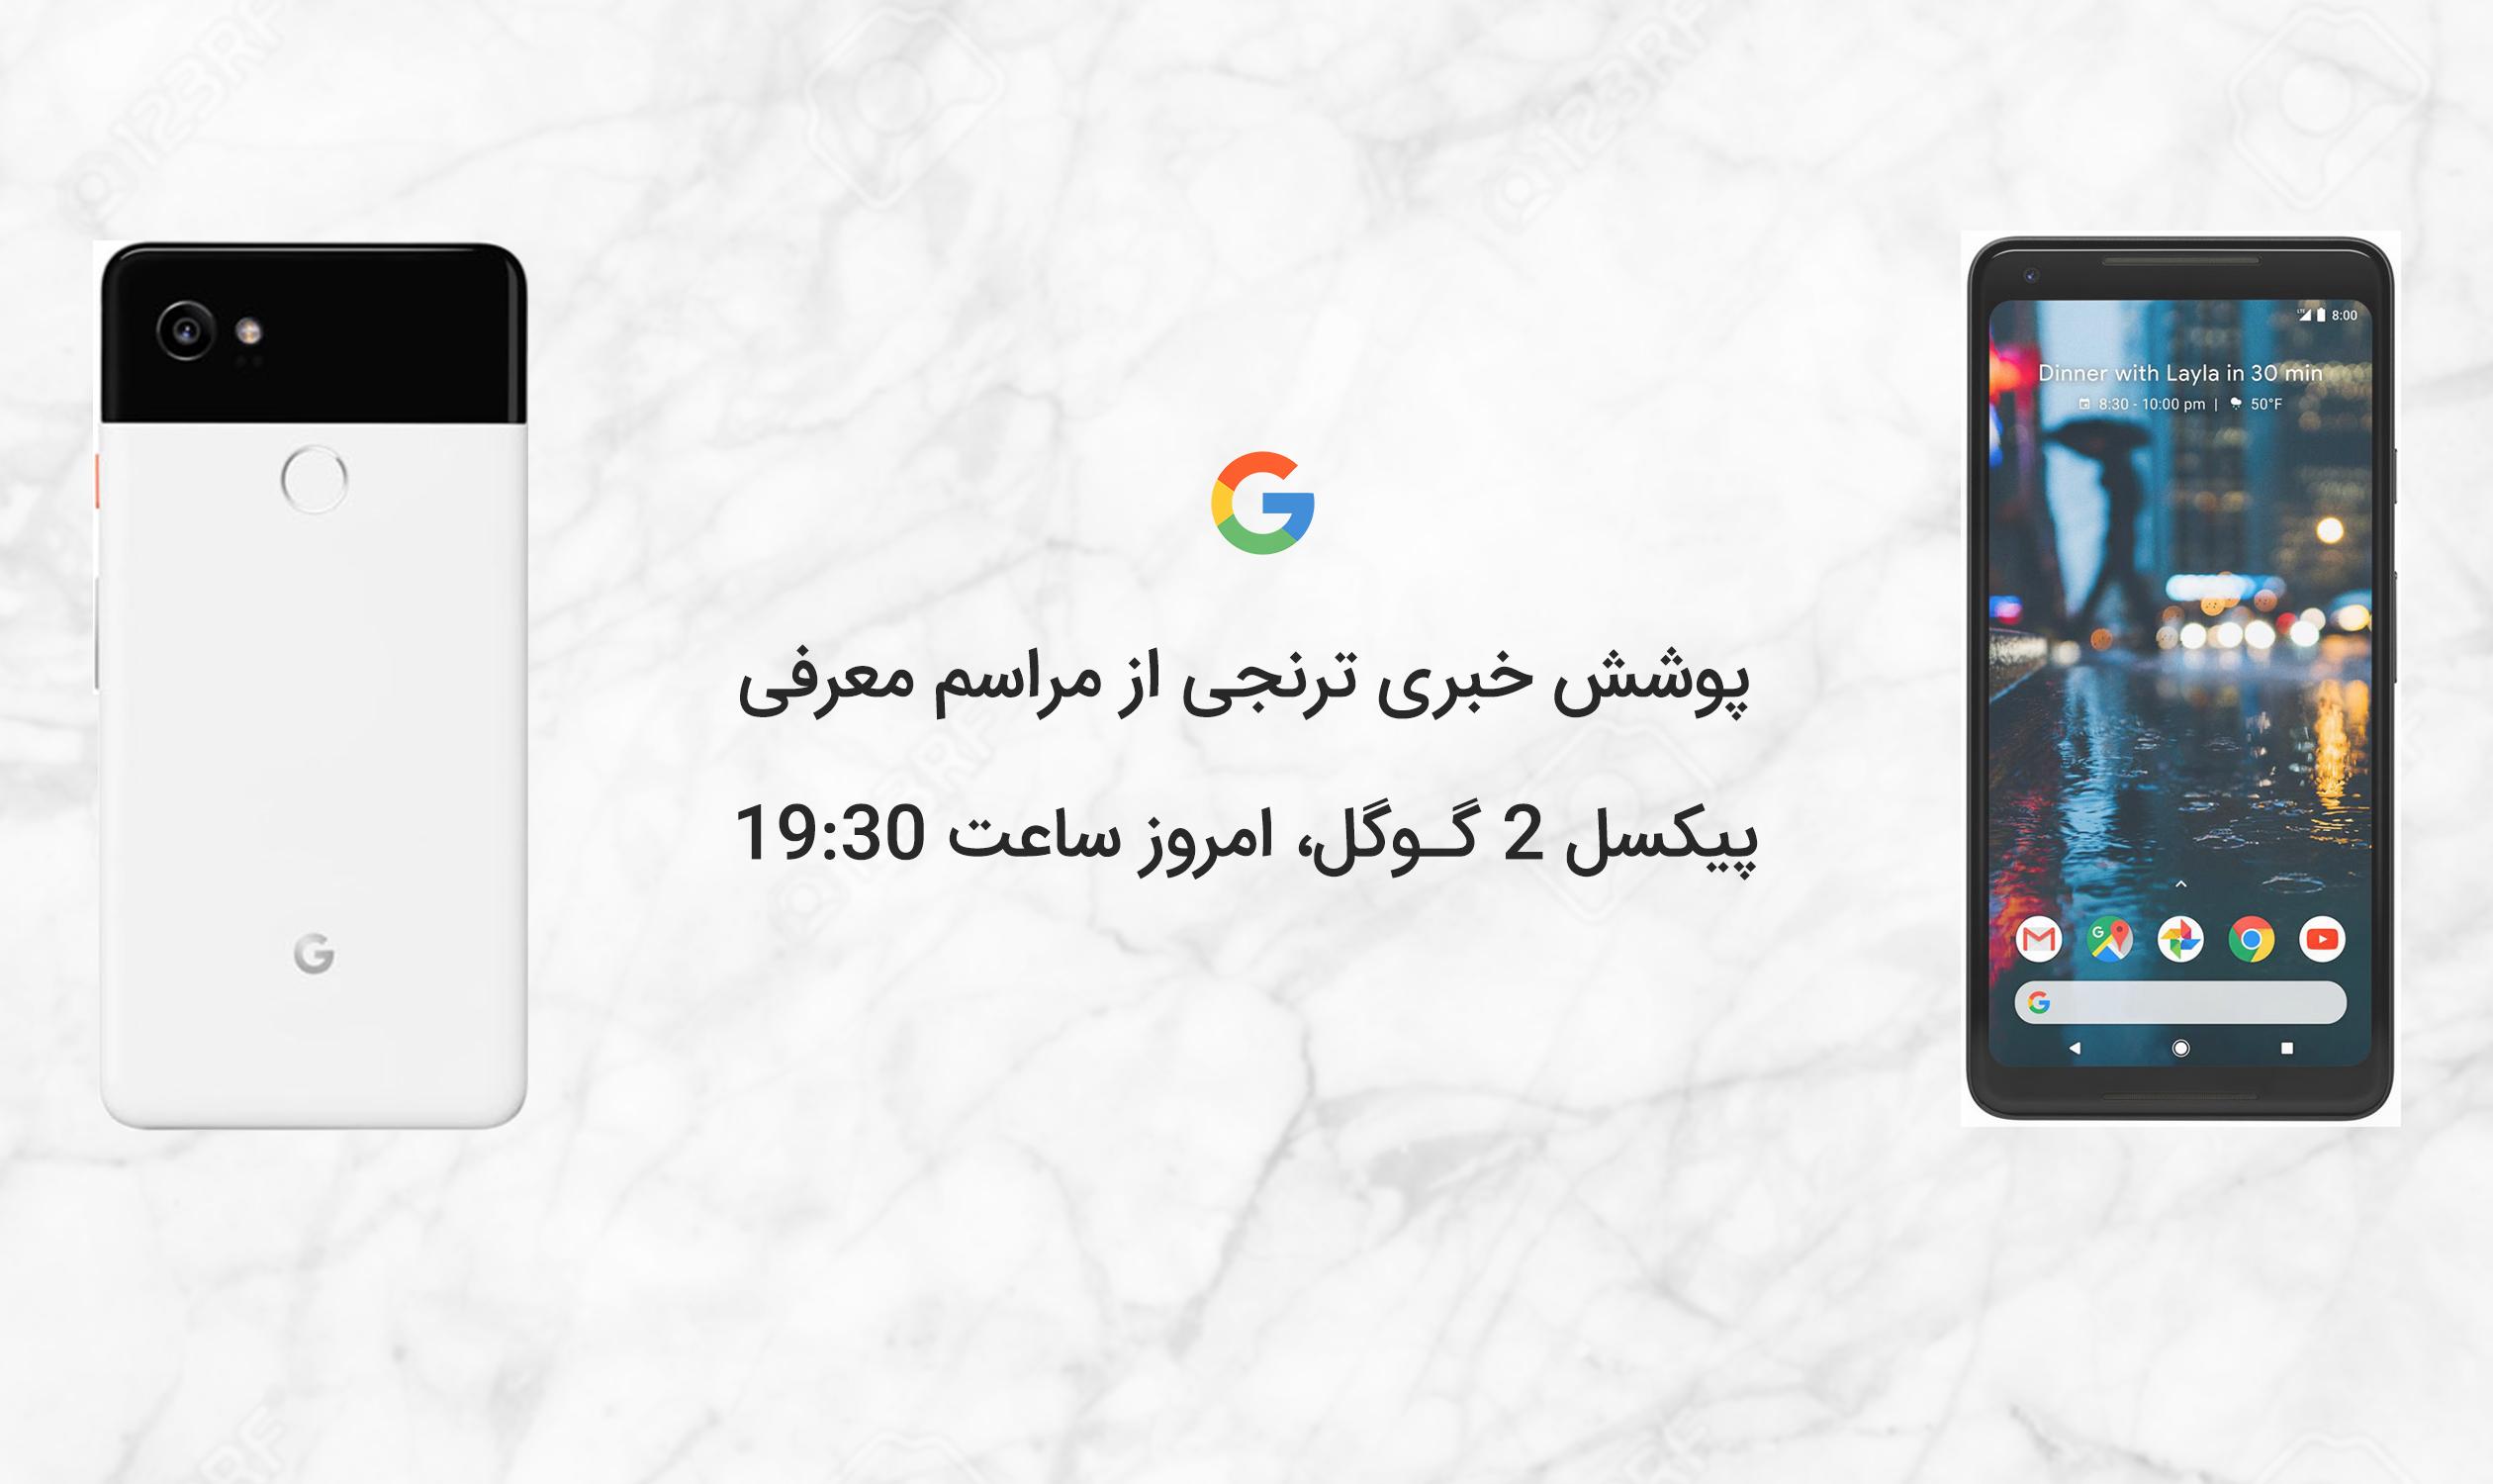 پوشش ویژه خبری ترنجی از مراسم معرفی گوگل پیکسل 2 ؛ شروع از 19:30